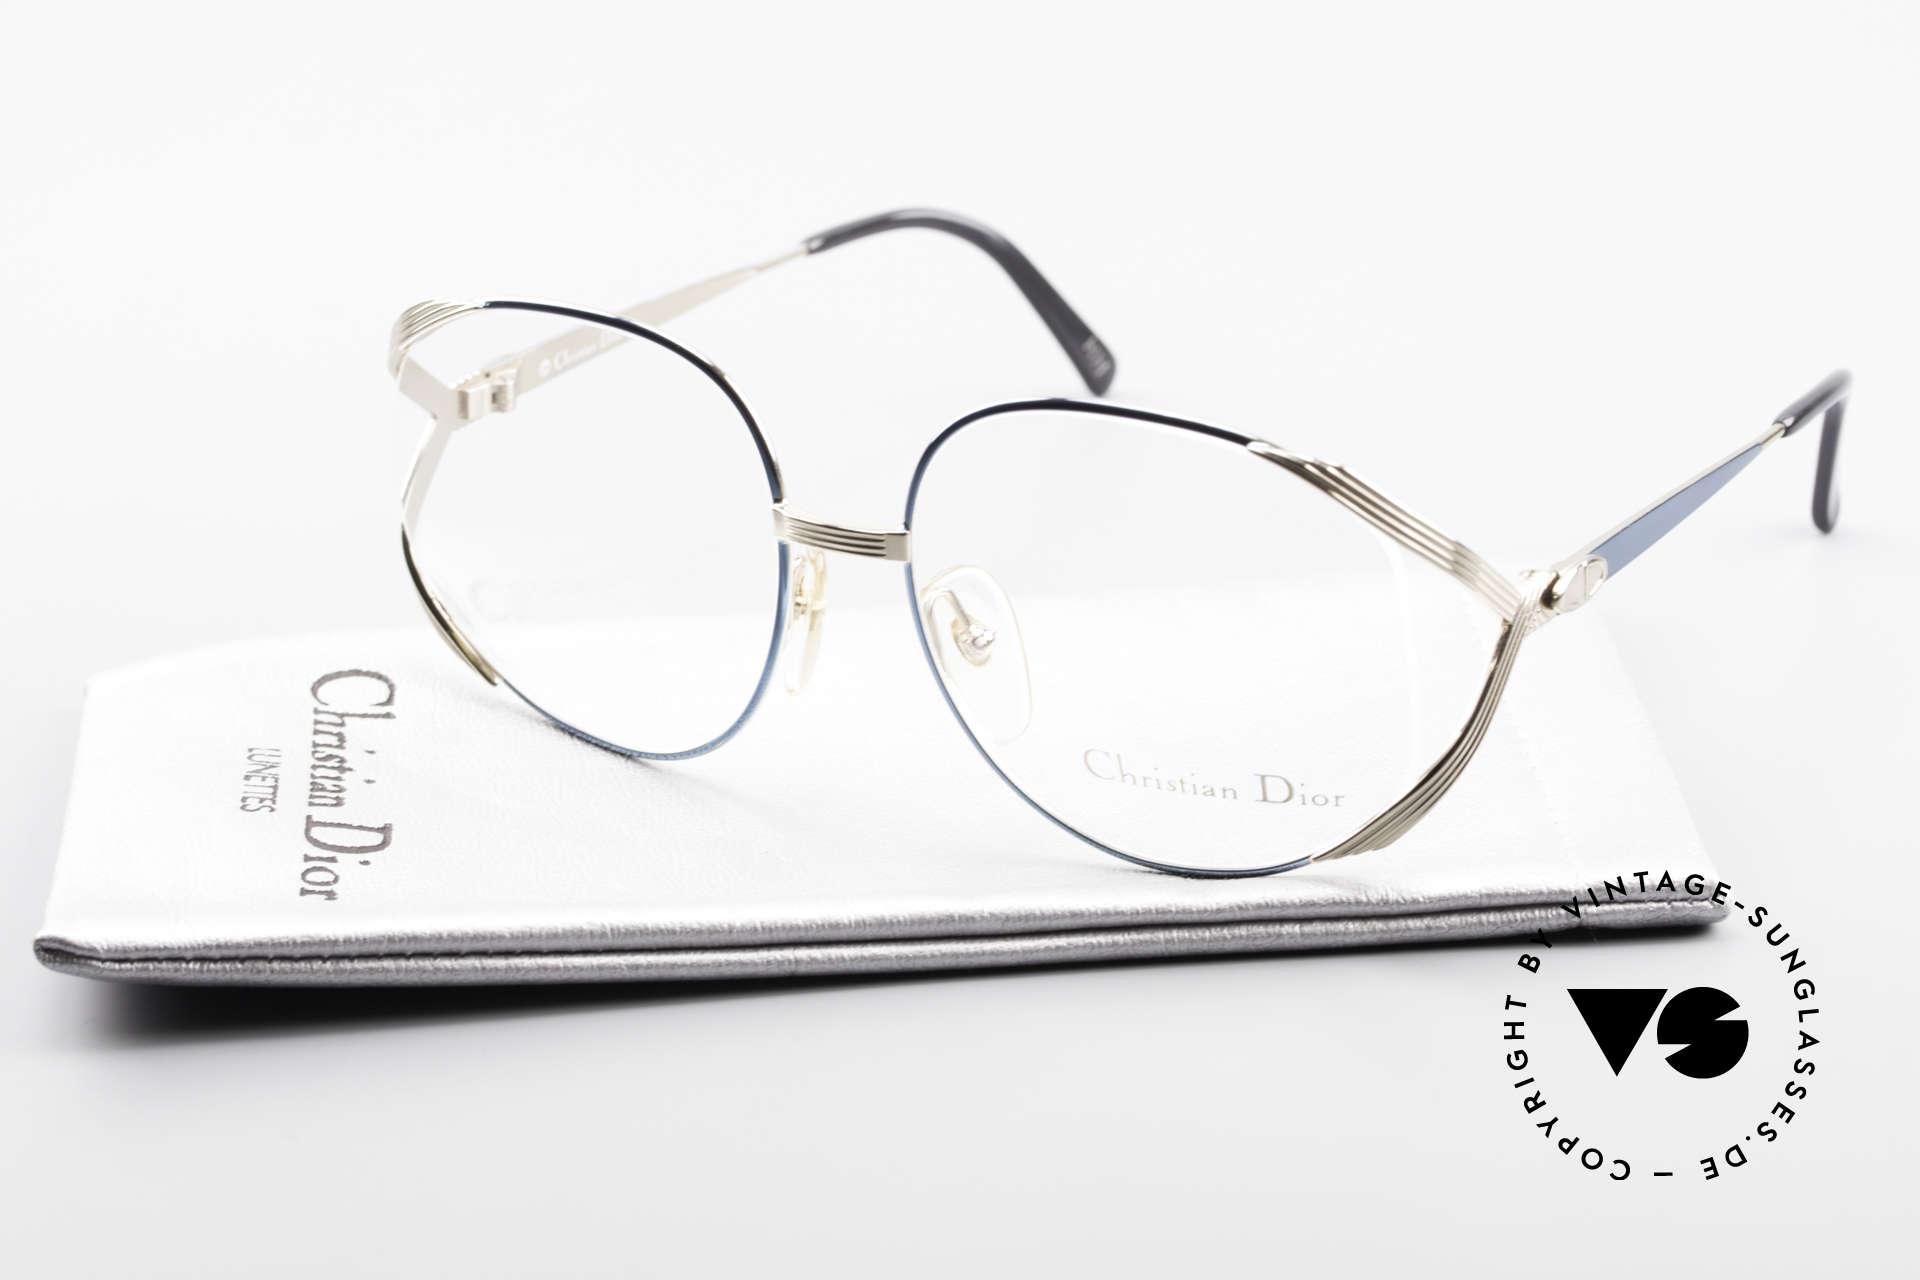 Christian Dior 2387 Damen Vintage Brille Rarität, Größe: medium, Passend für Damen